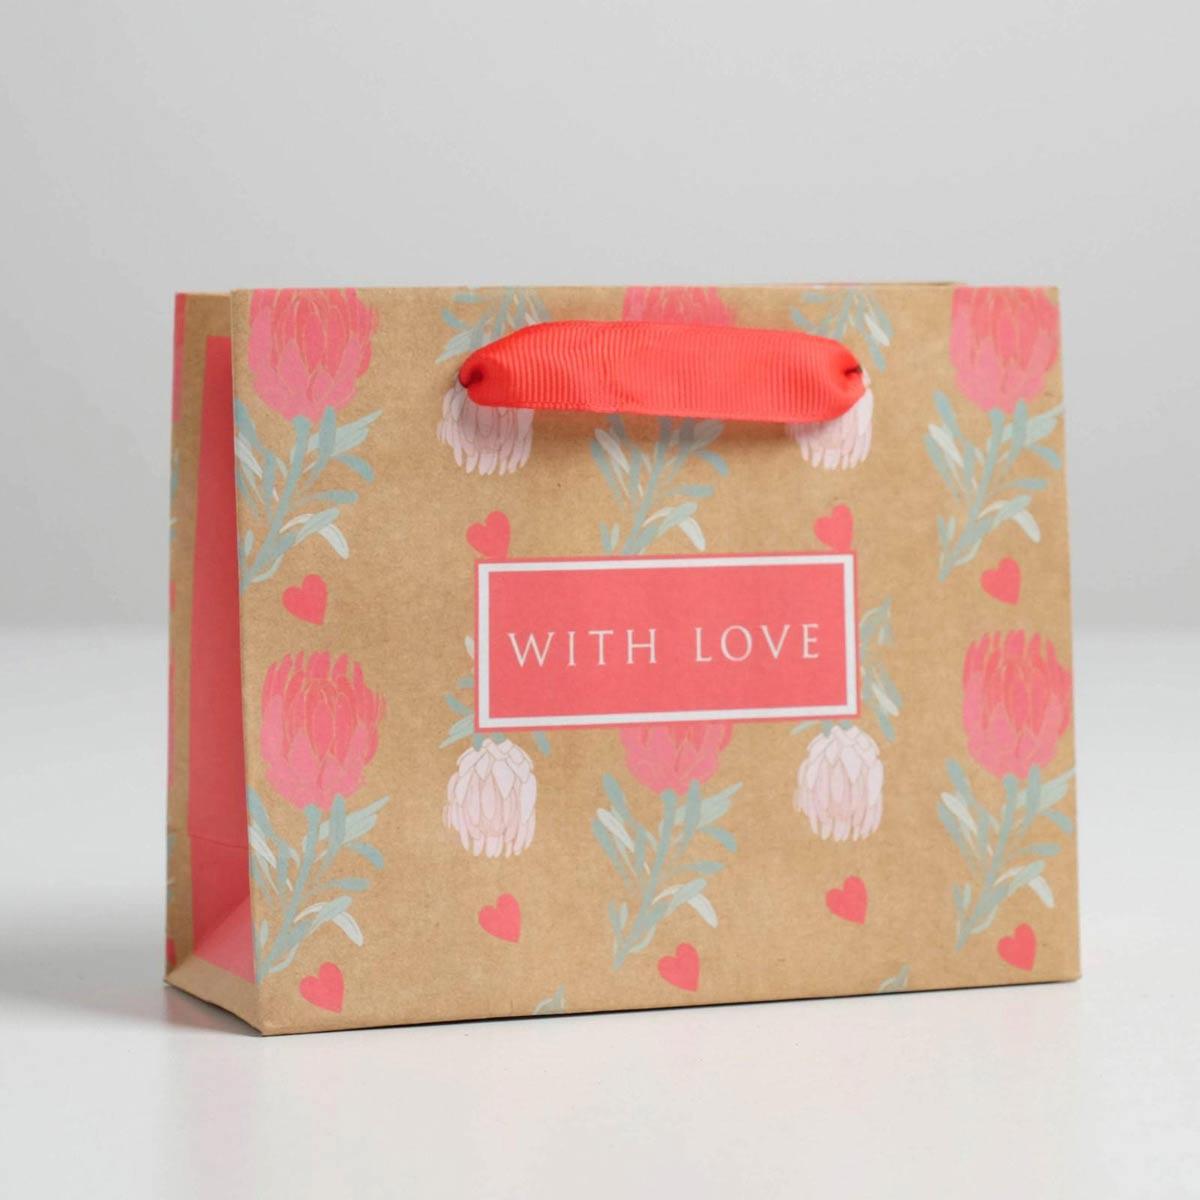 5177940 Пакет крафтовый горизонтальный With love, S 15*12*5.5 см